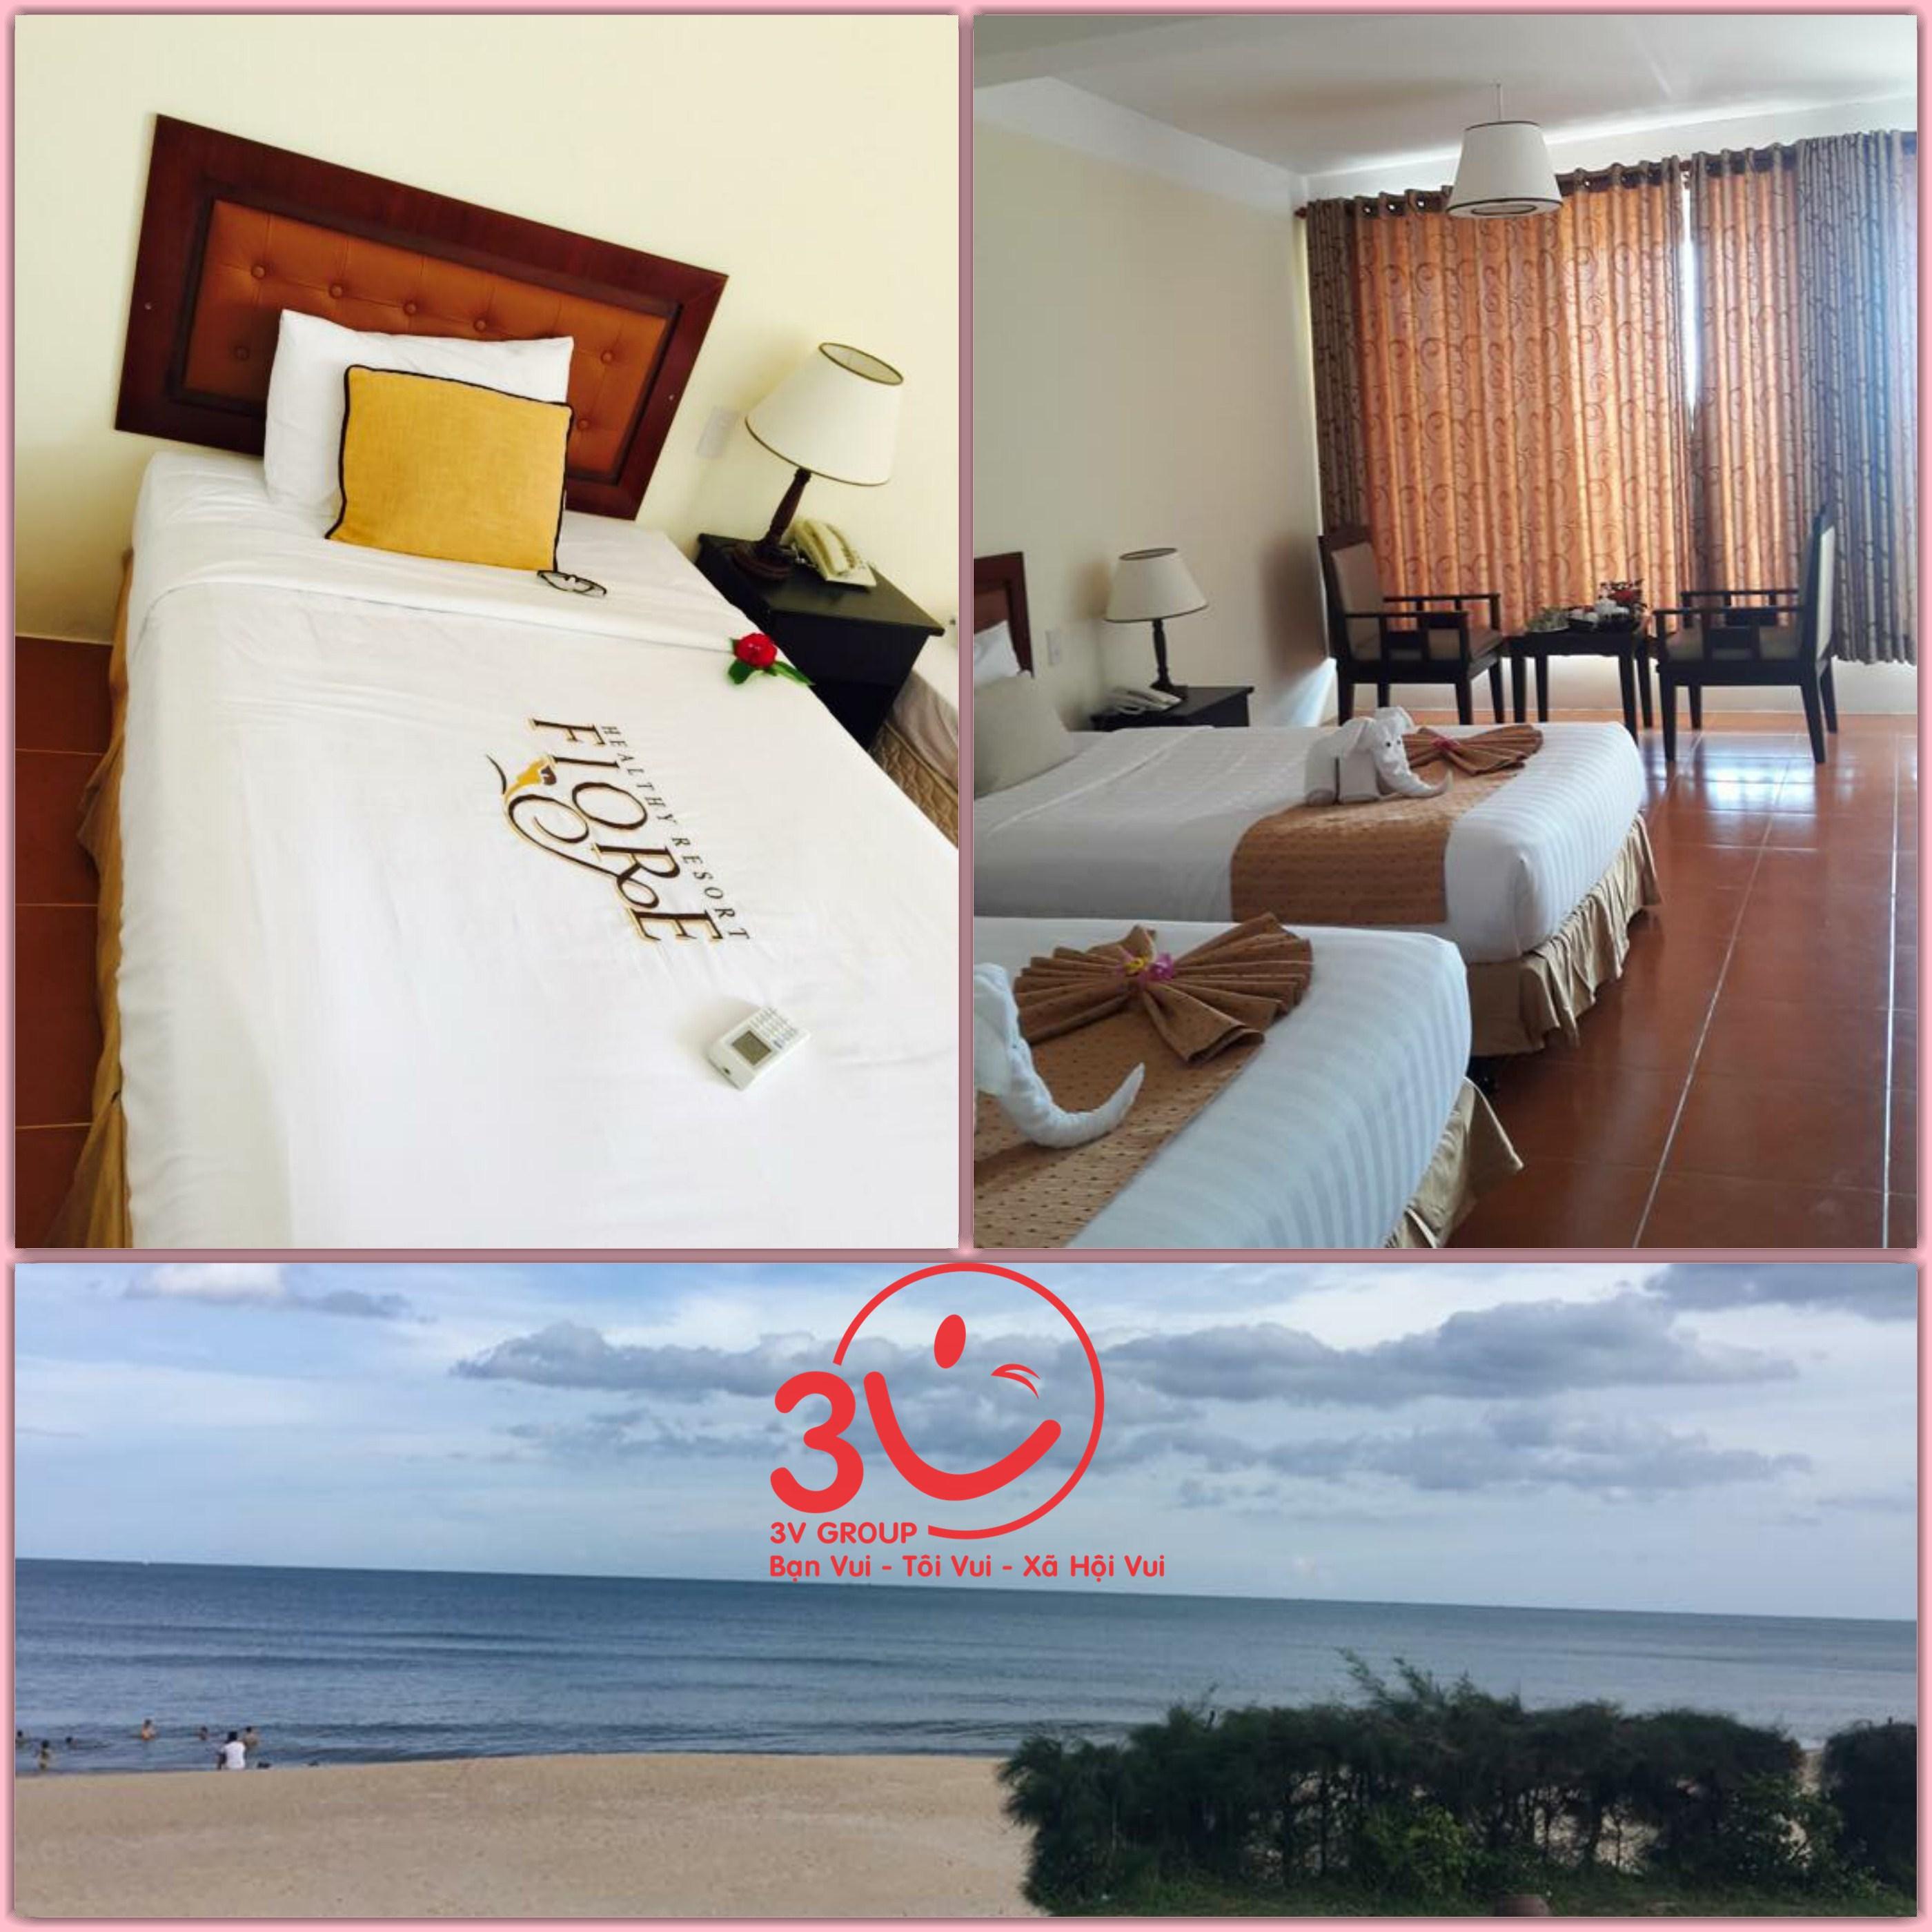 3V hào hứng đến với Fiore Health Resort – một khu nghỉ dưỡng tuyệt vời đạt tiêu chuẩn 4 sao